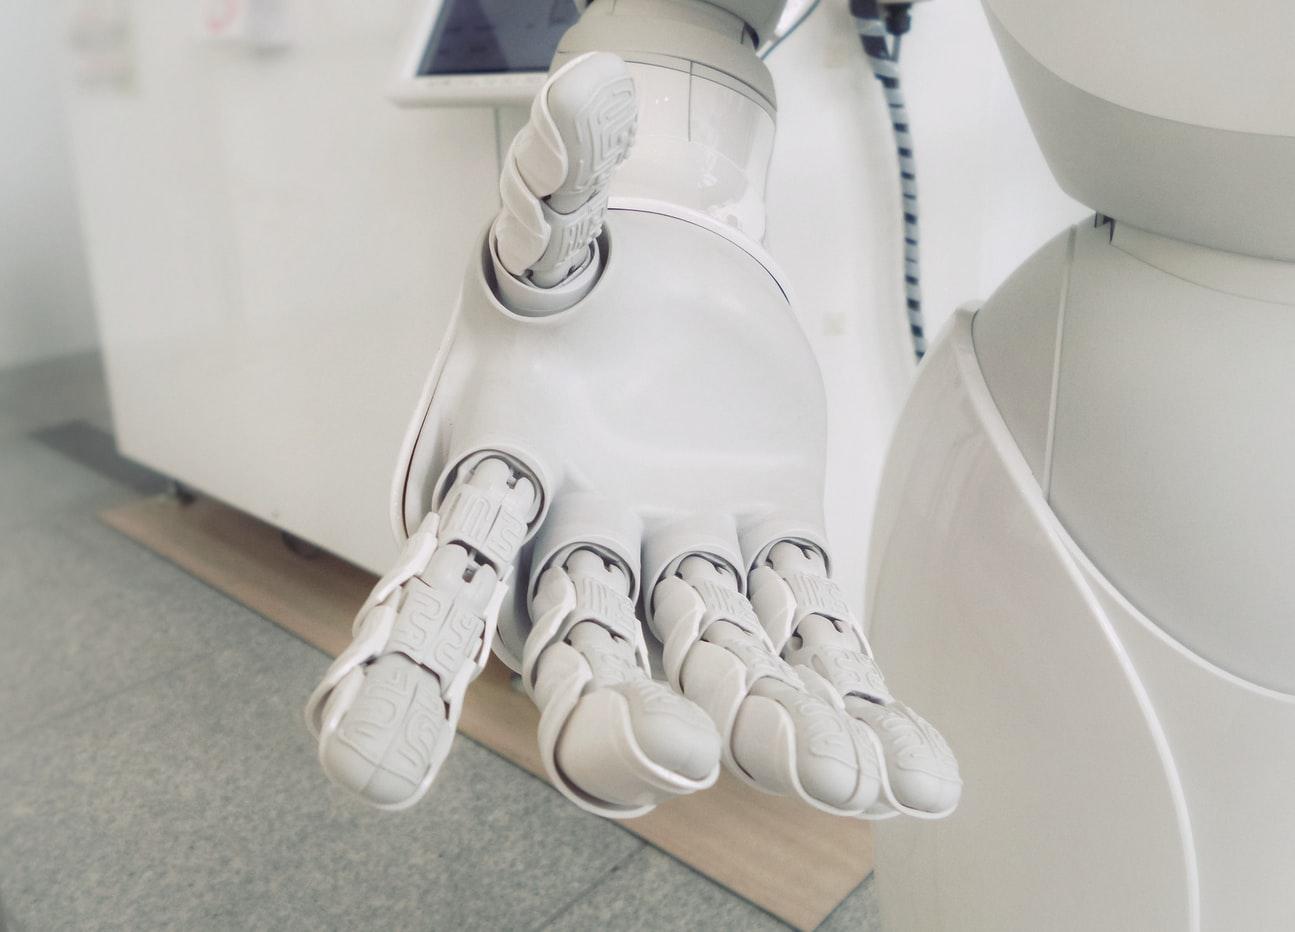 La main d'un robot blanc, incarnant l'intelligence artificielle